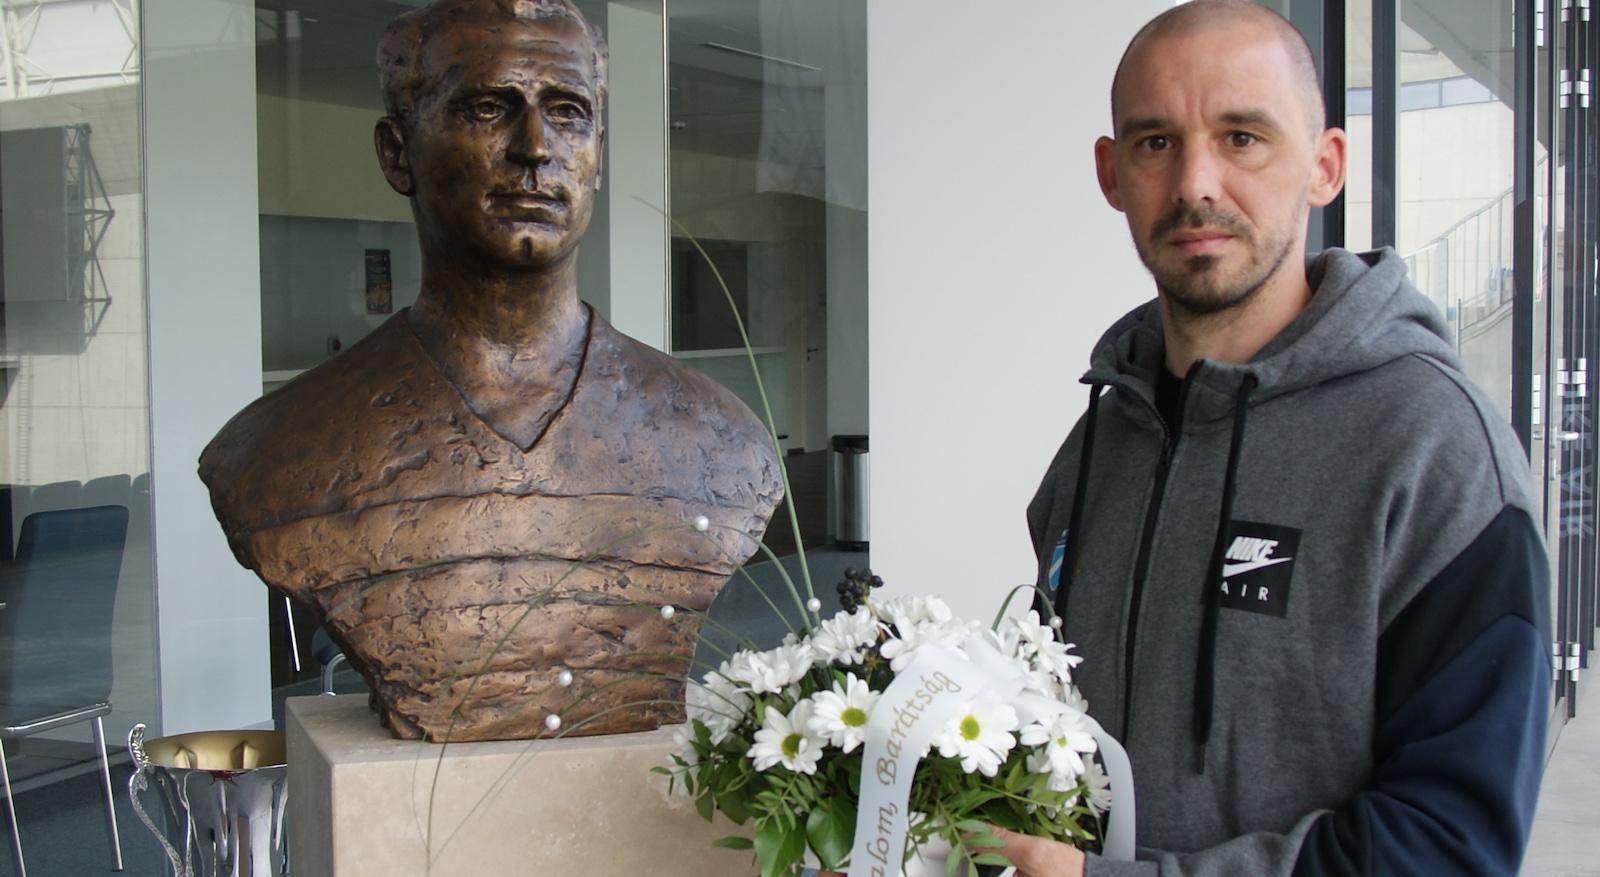 120 éve ezen a napon alakult meg az MTK labdarúgó szakosztálya - Kanta koszorúzott